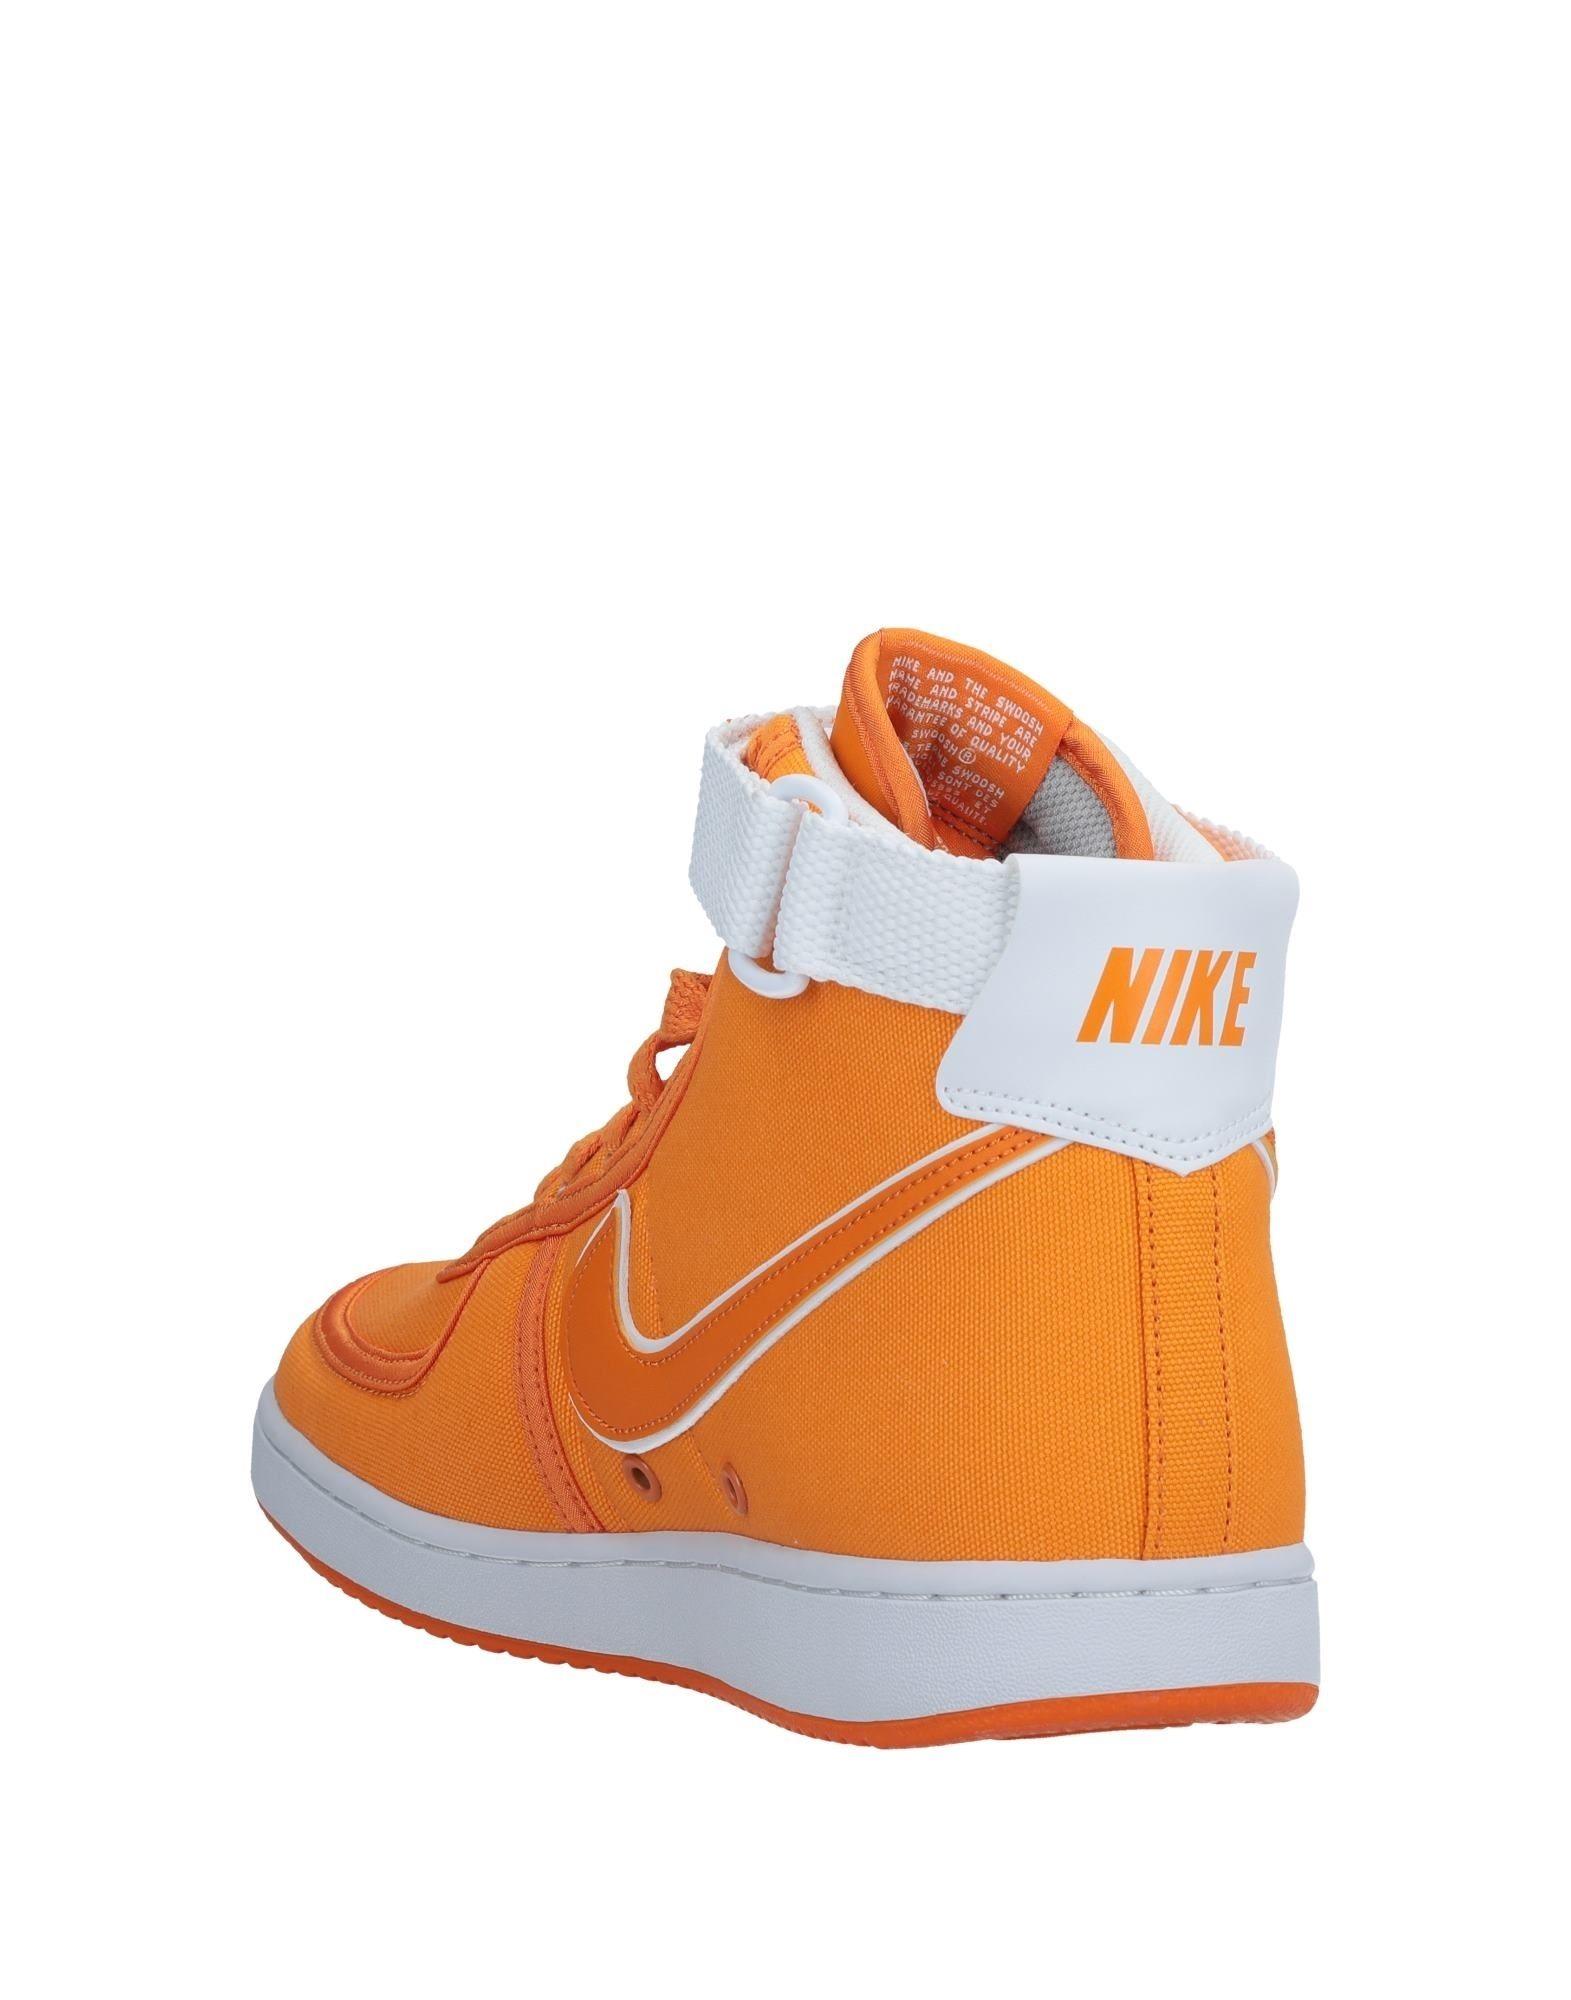 Rabatt echte Schuhe Nike Sneakers Herren Herren Herren  11537641DG 7744c3